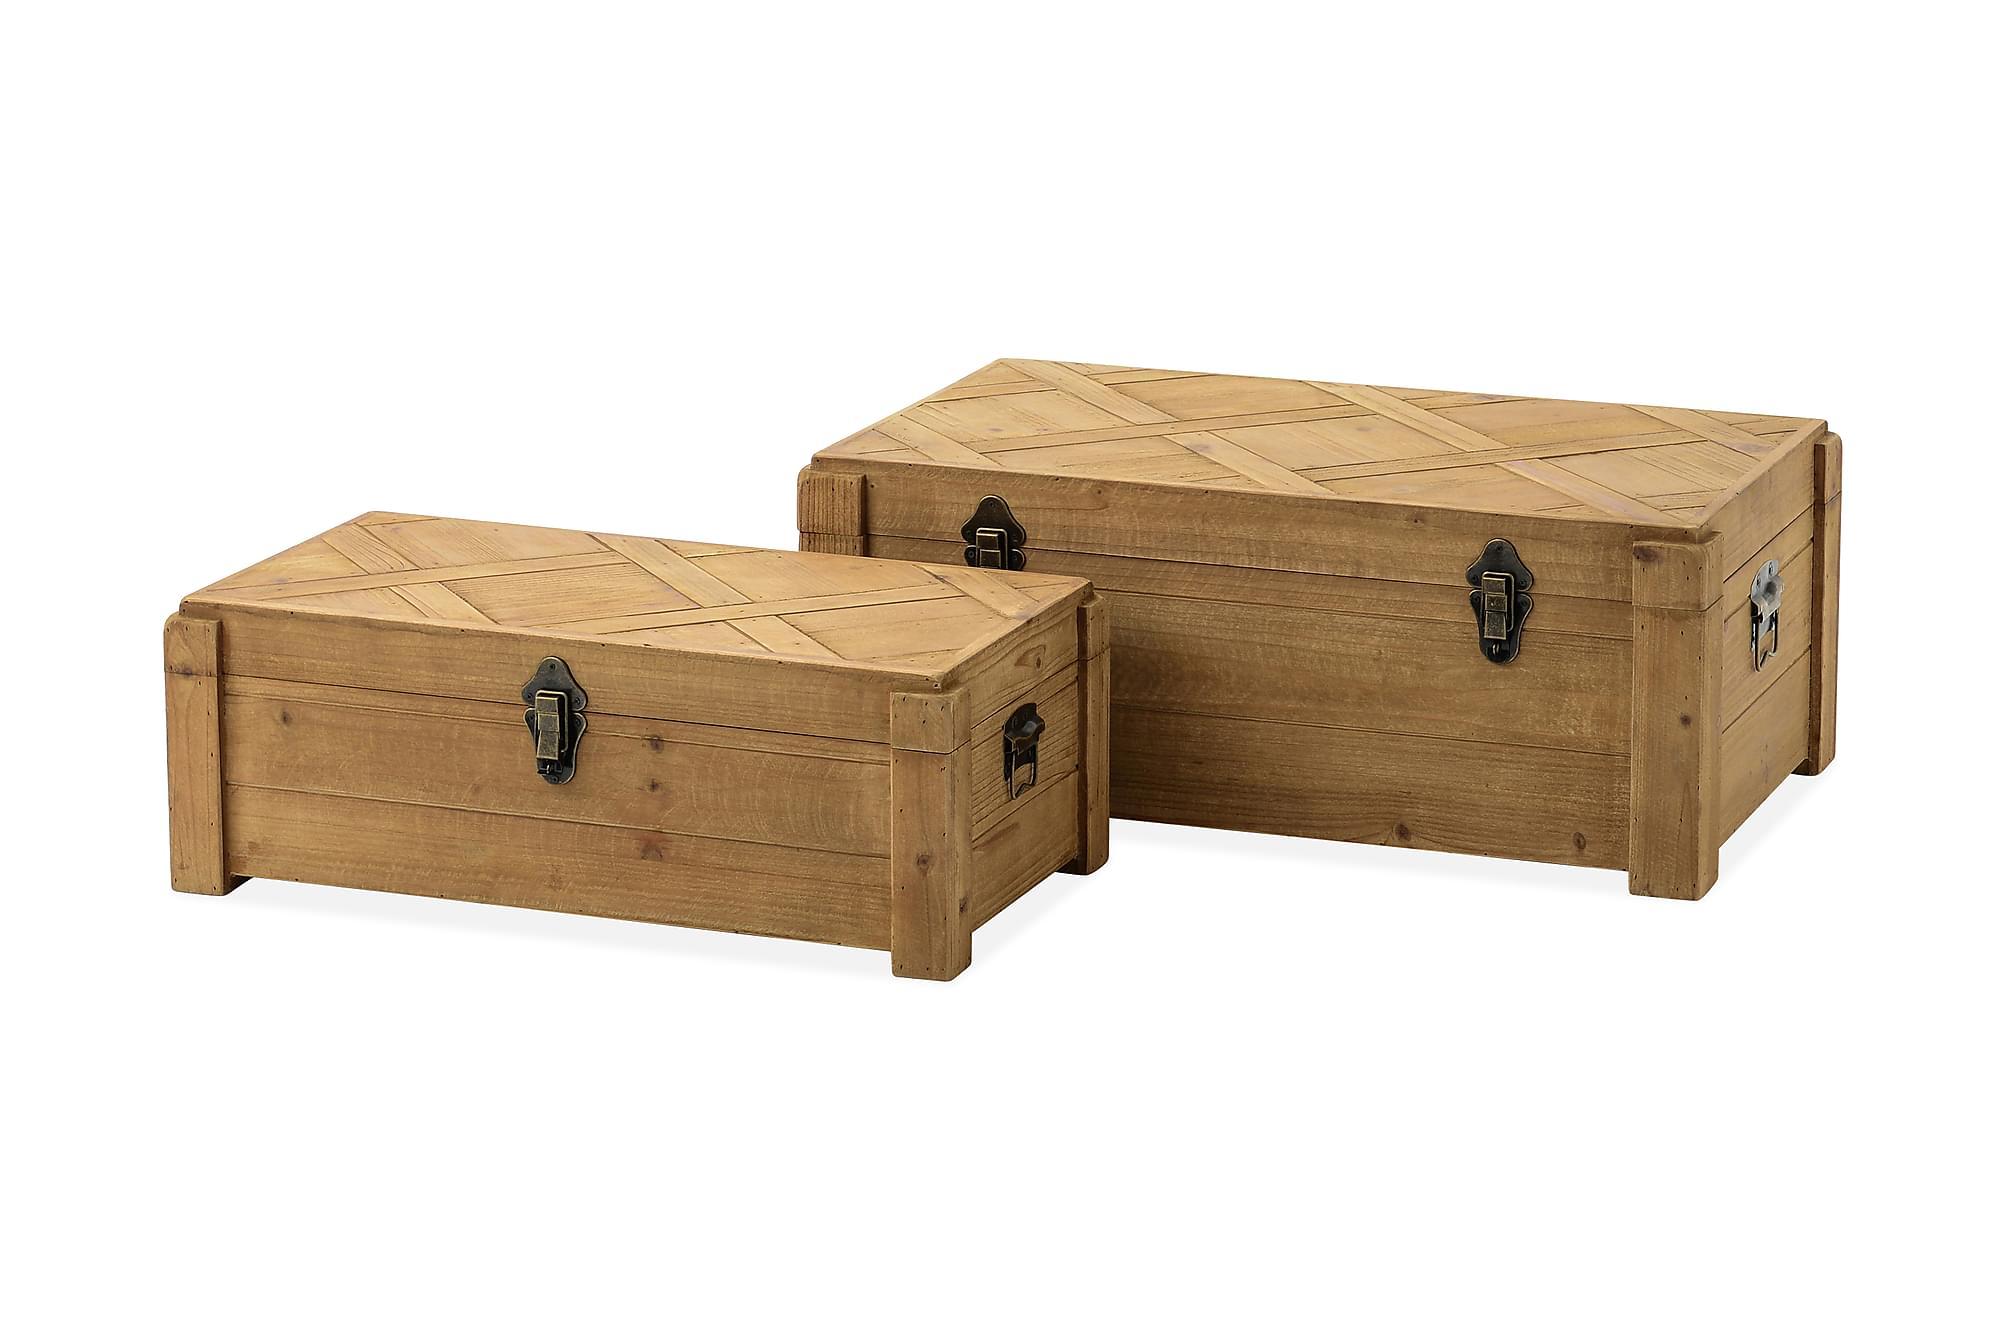 HAJICEK Kista 32x22 cm Trä/Natur, Förvaringskistor & sängkistor